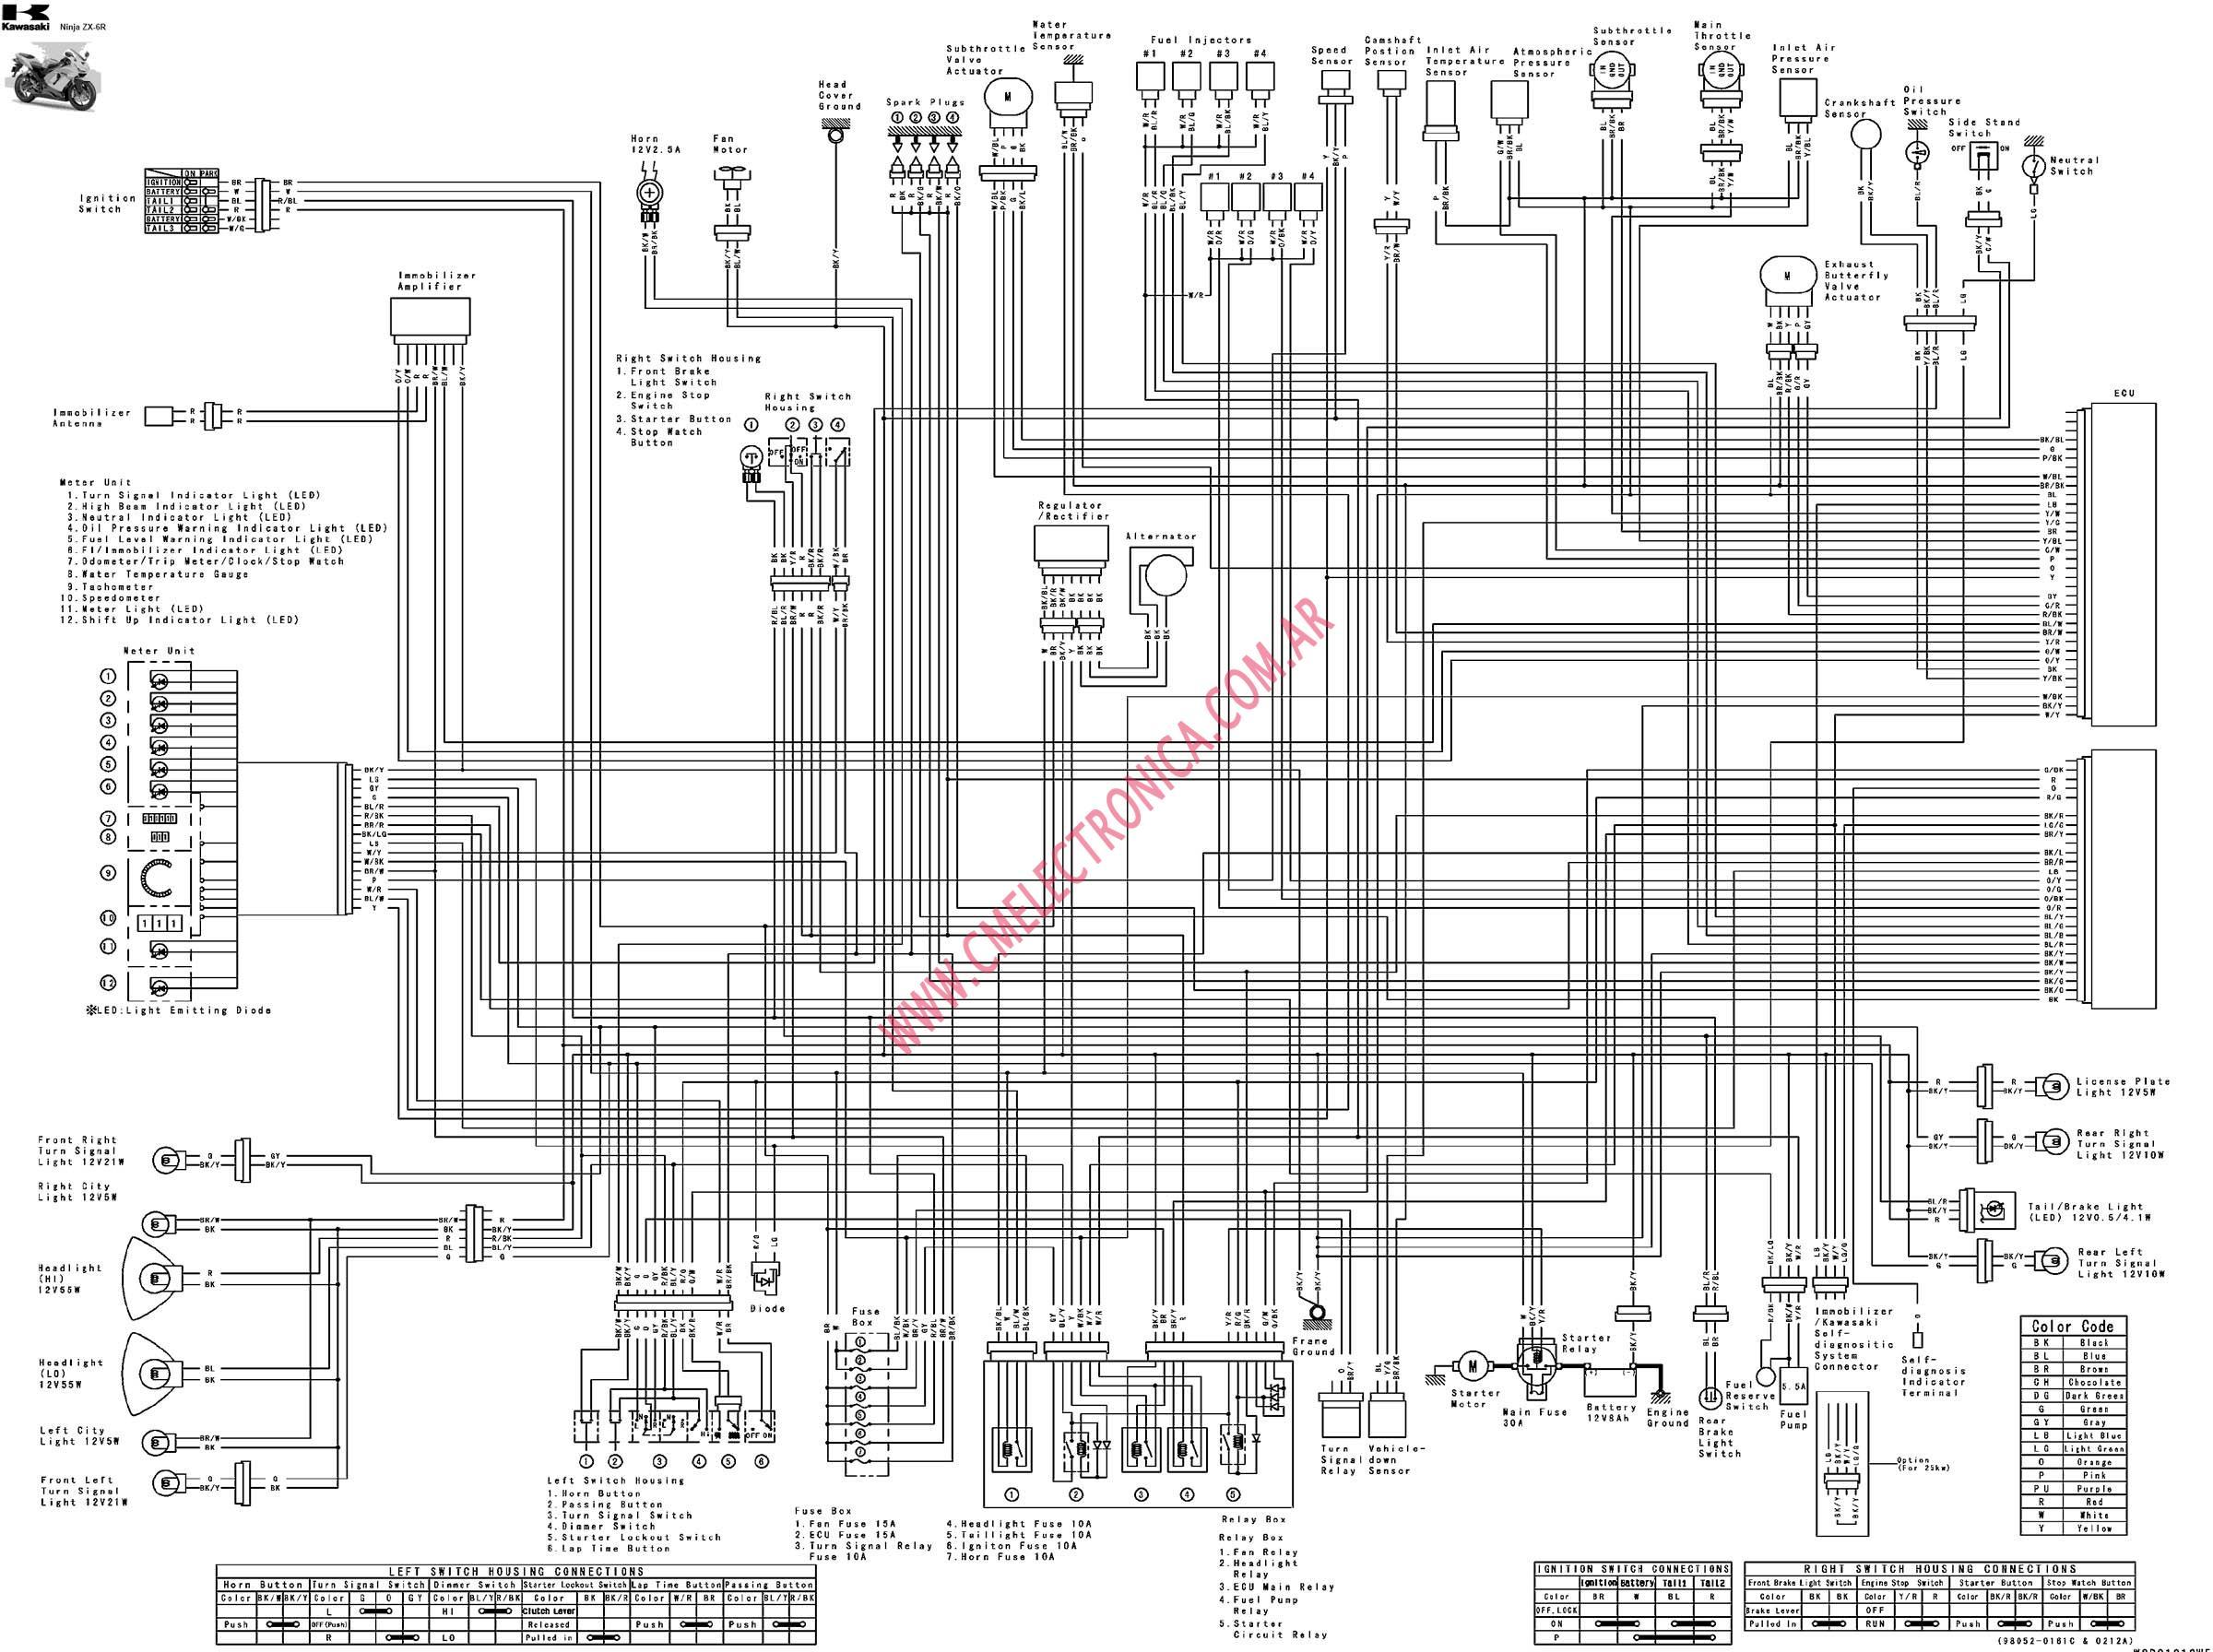 Exelent 3010 Kawasaki Mule Wiring Diagram Ornament - Wiring Diagram ...